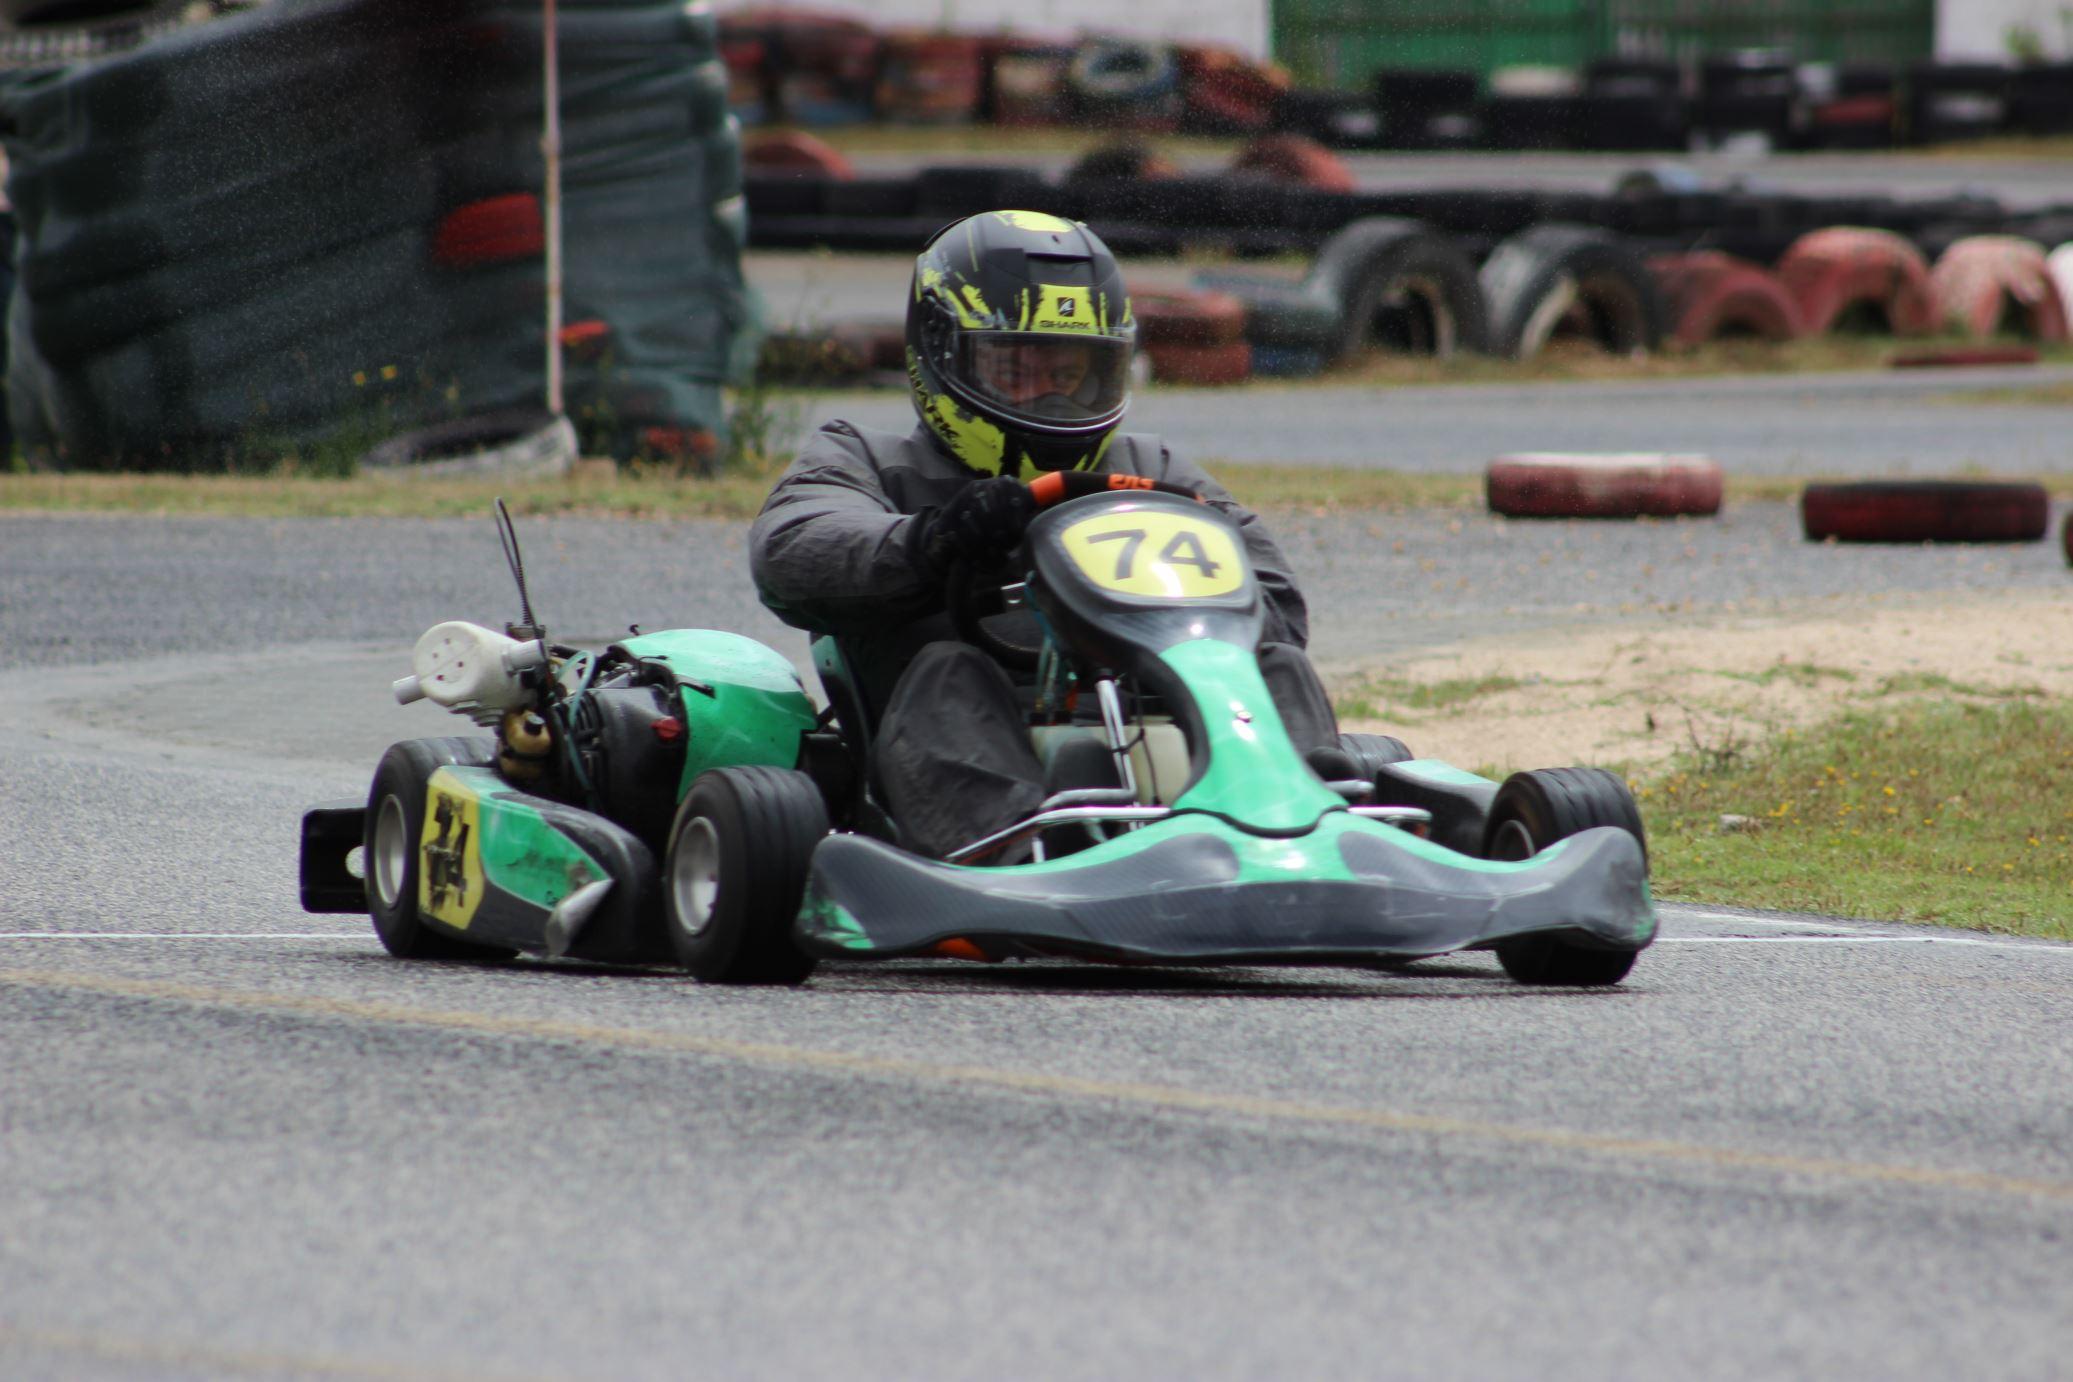 Troféu Honda 2014 - 2ª Prova122